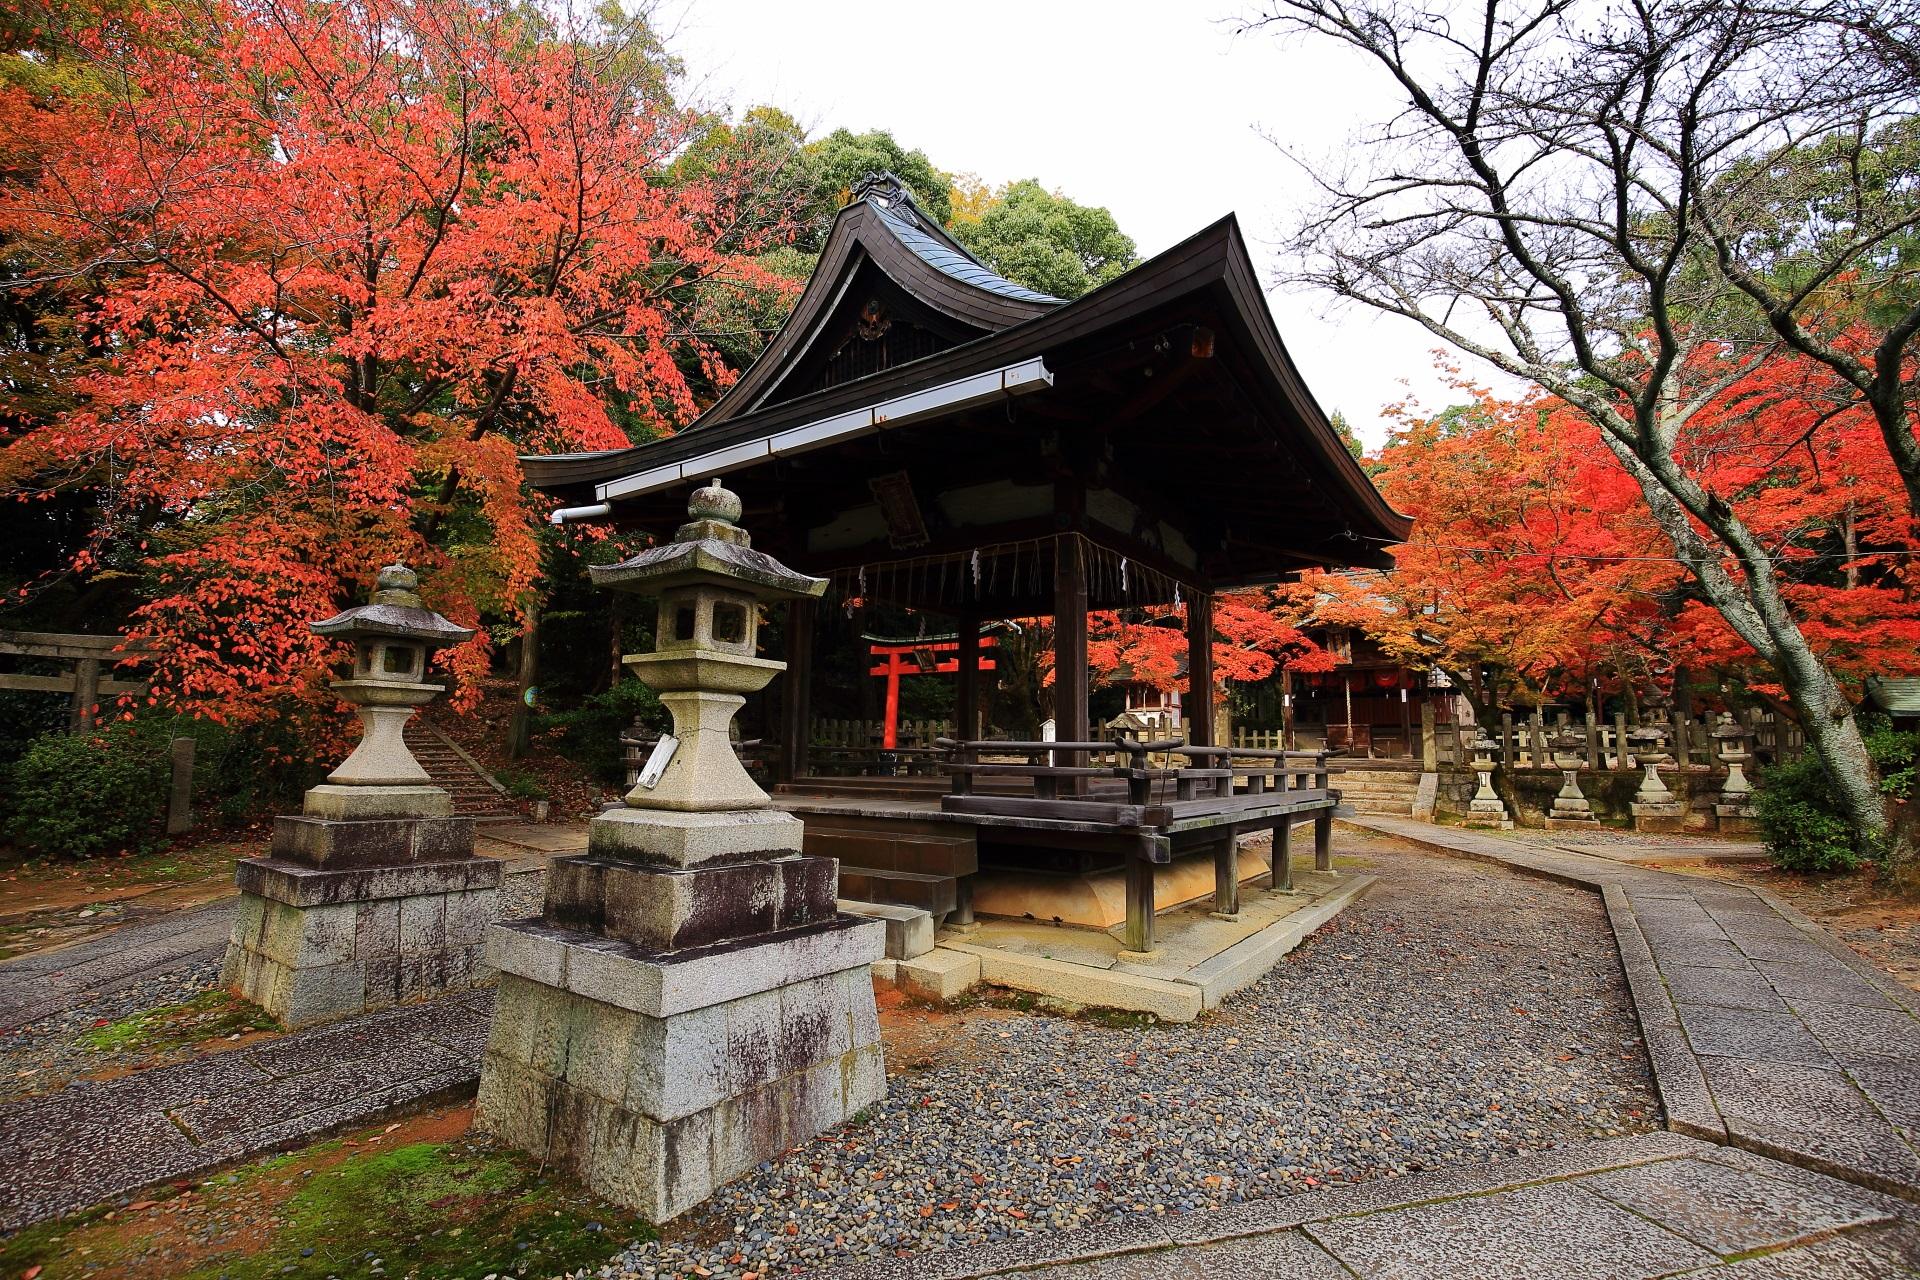 竹中稲荷神社の拝殿と本殿を彩る多彩な紅葉